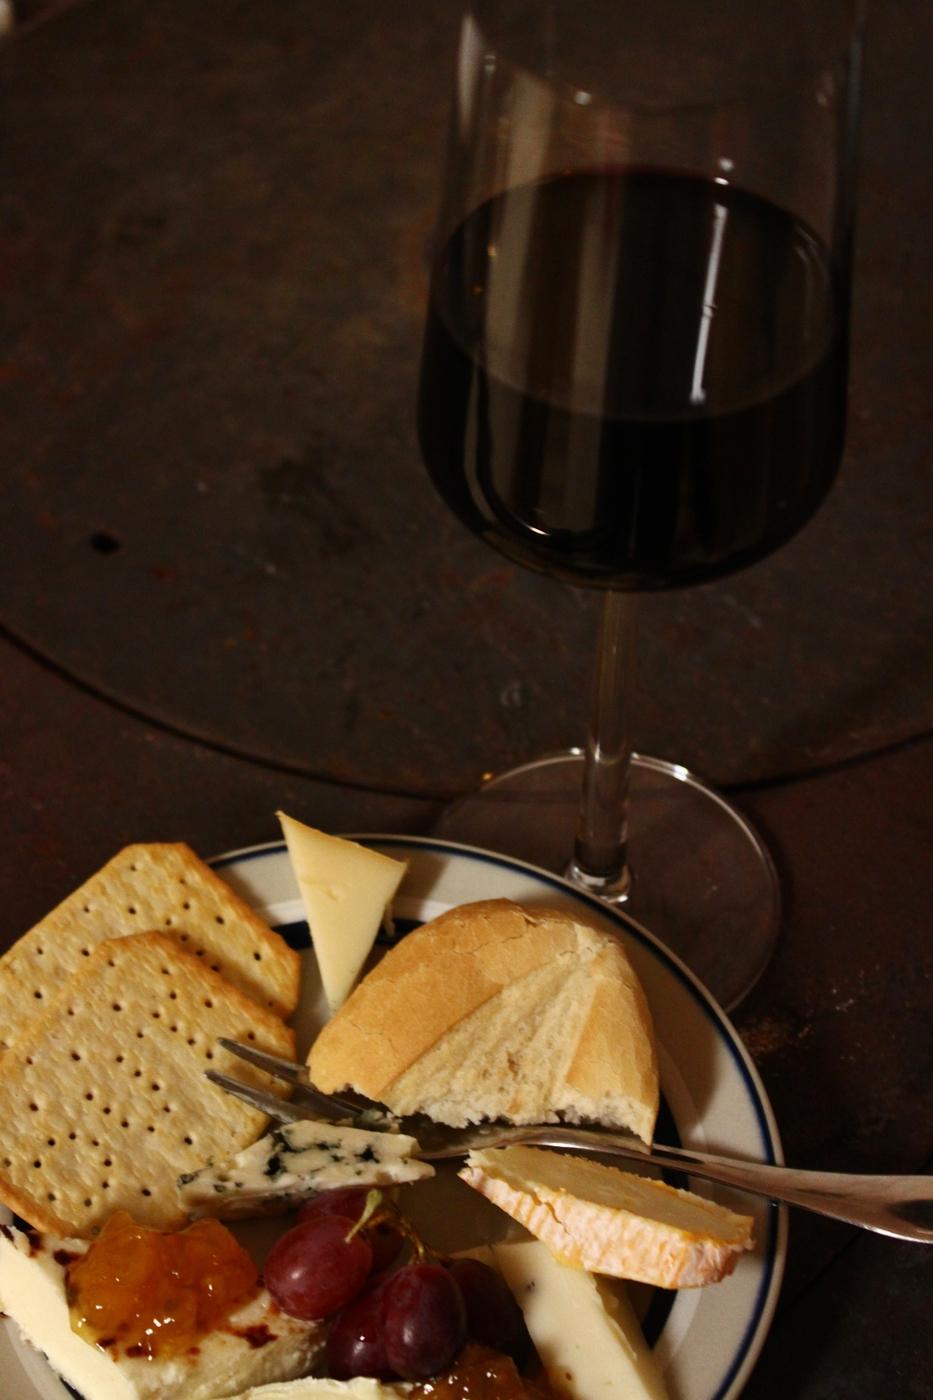 punaviini ja juustolautanen.JPG